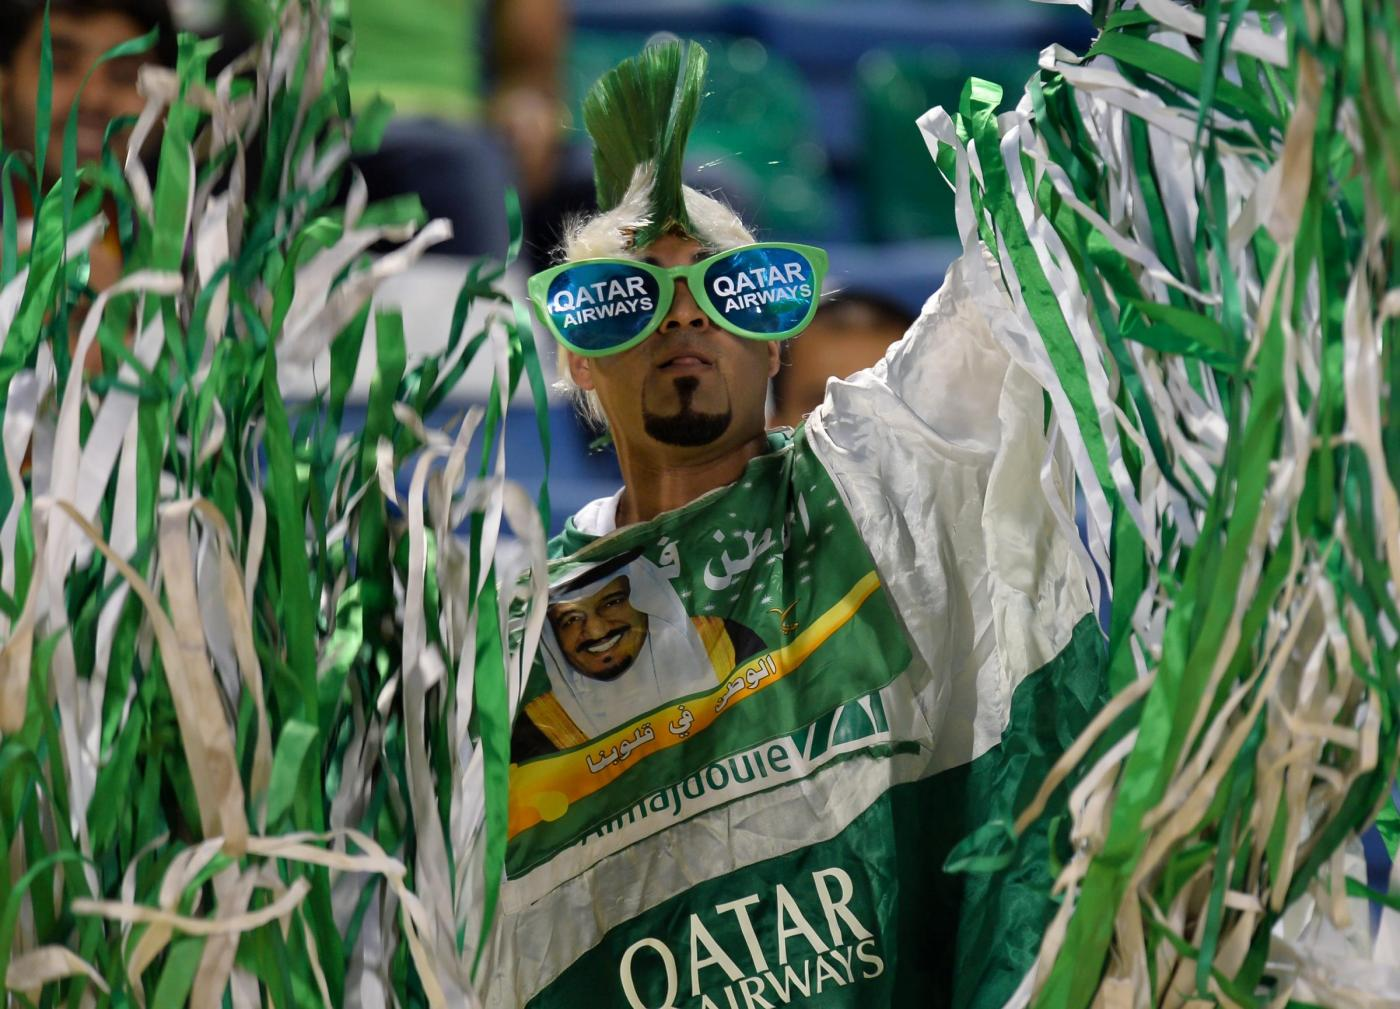 Coppa Asia, Qatar-Libano mercoledì 9 gennaio: analisi e pronostico della prima giornata del gruppo E della manifestazione